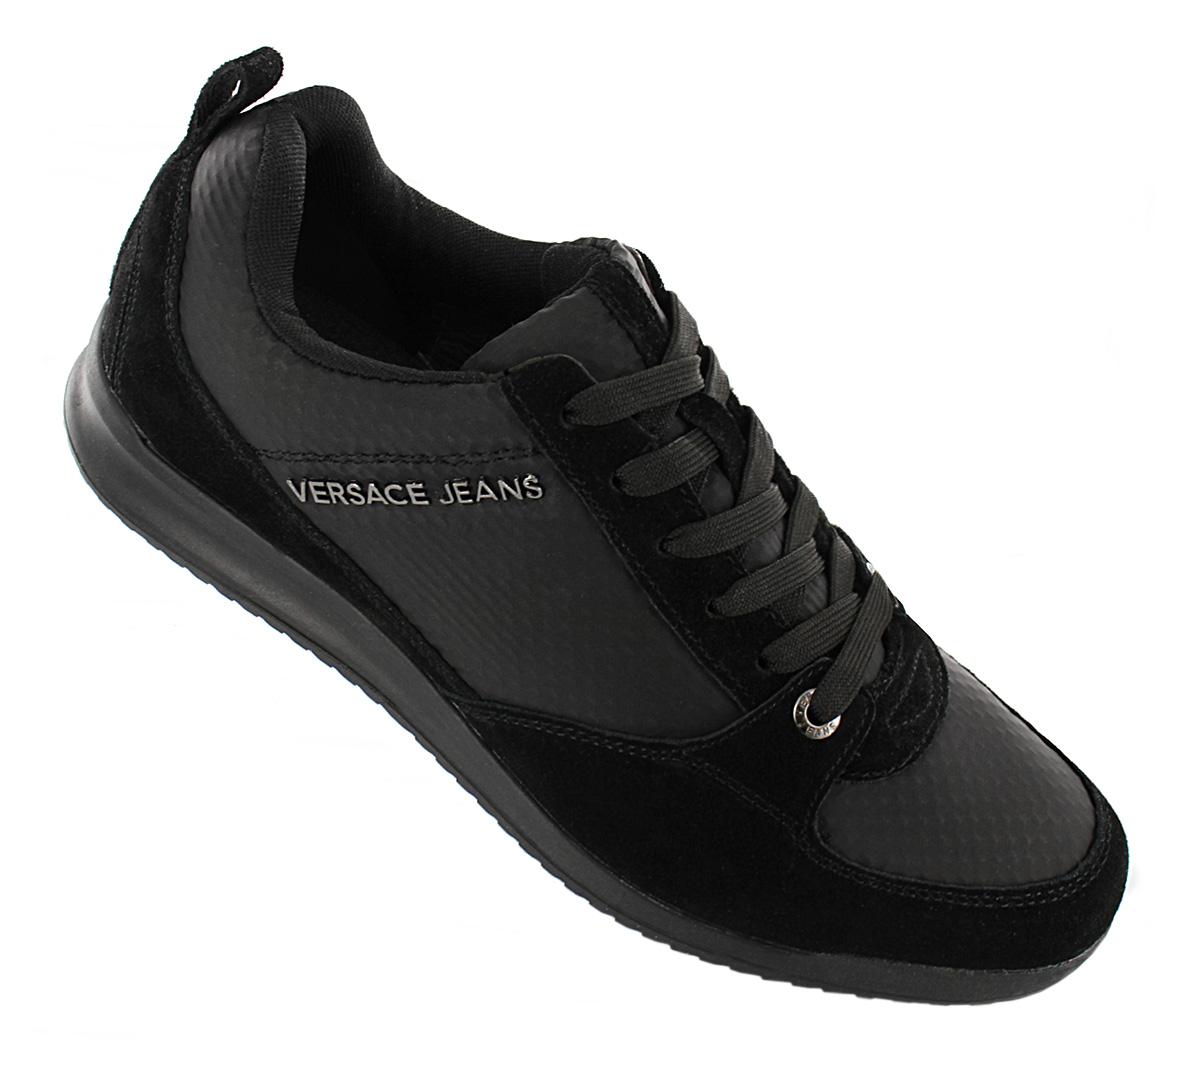 Details about Versace Jeans Linea Fondo Mens Sneaker Casual Shoes E 0 ysbsc 3 899 Black show original title